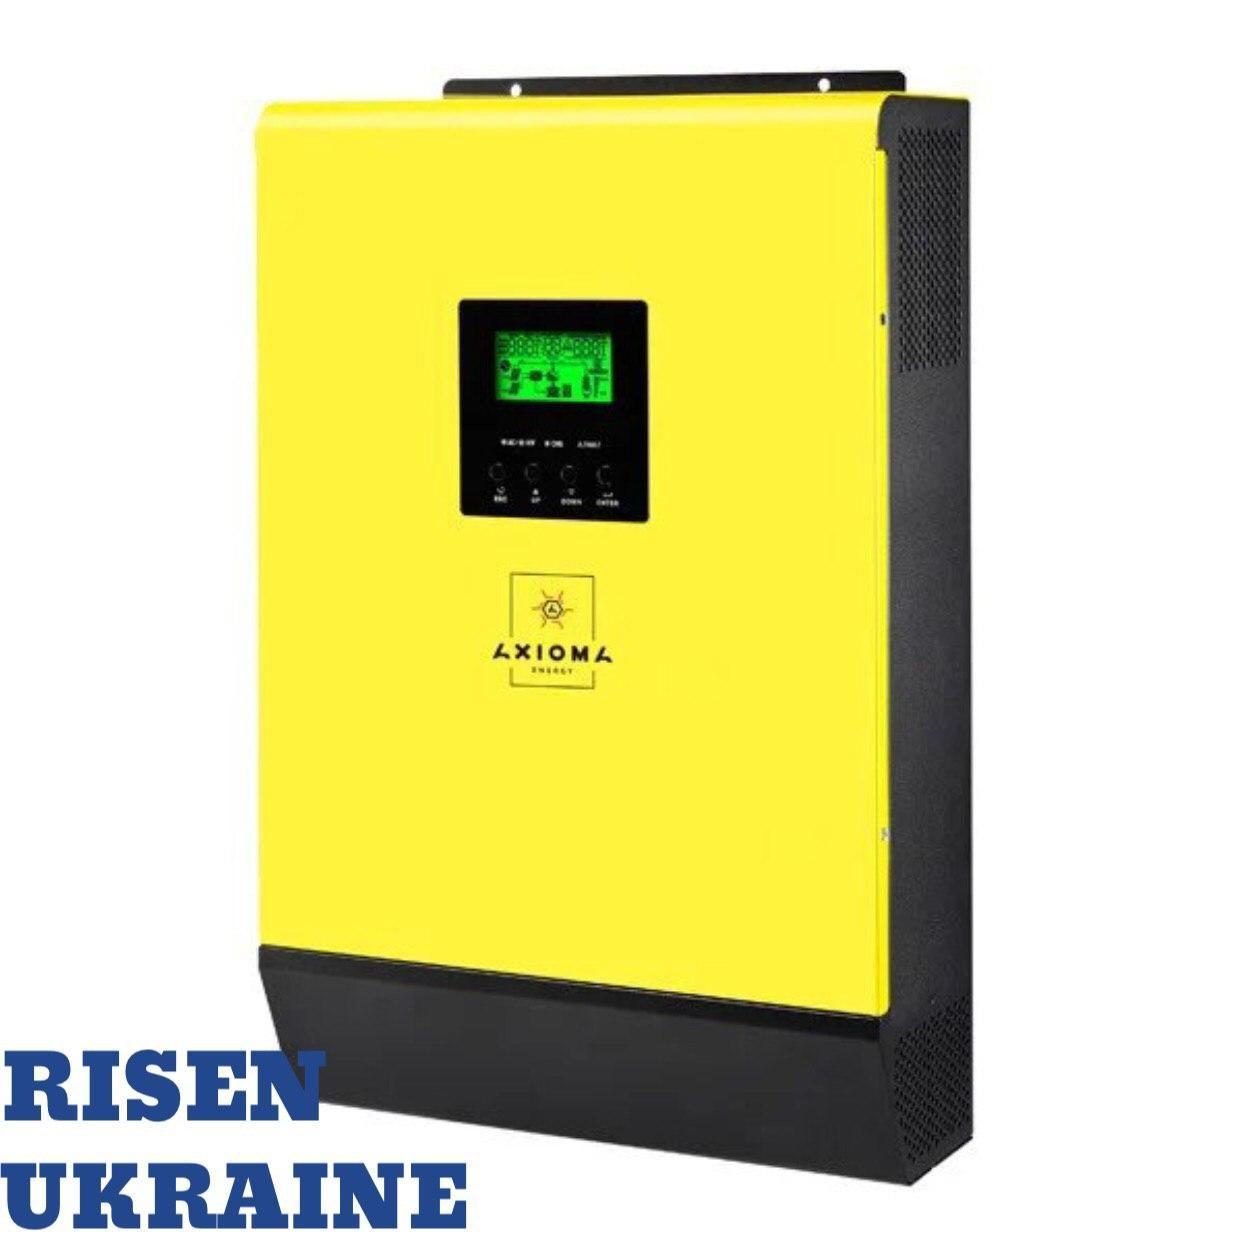 Сетевой солнечный инвертор с резервной функцией ISGRID-BF 3000 AXIOMA energy